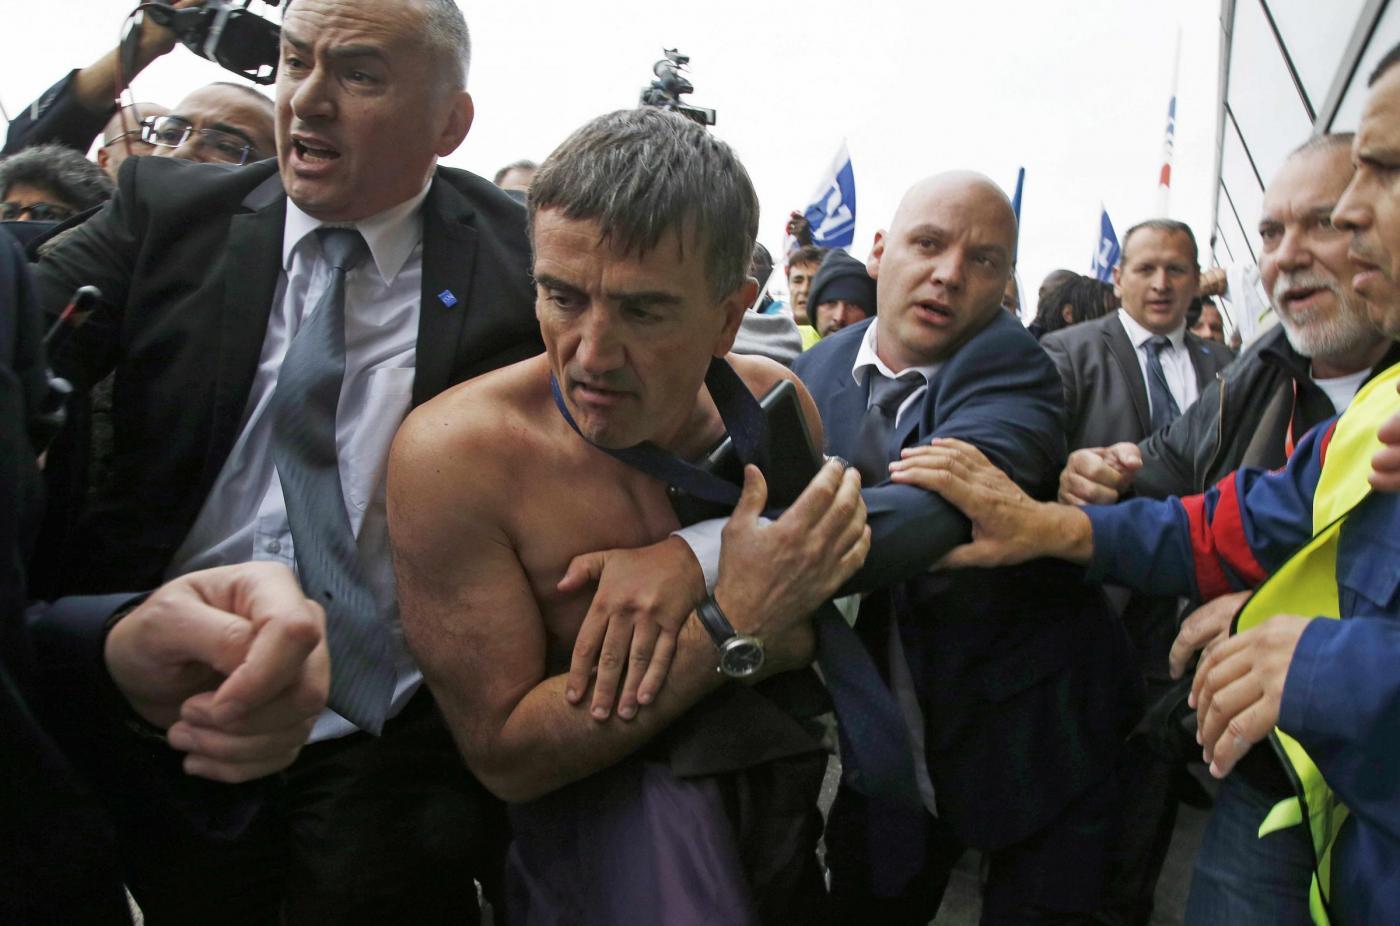 Dipendenti Air France in rivolta: dirigenti costretti a scappare in mutande